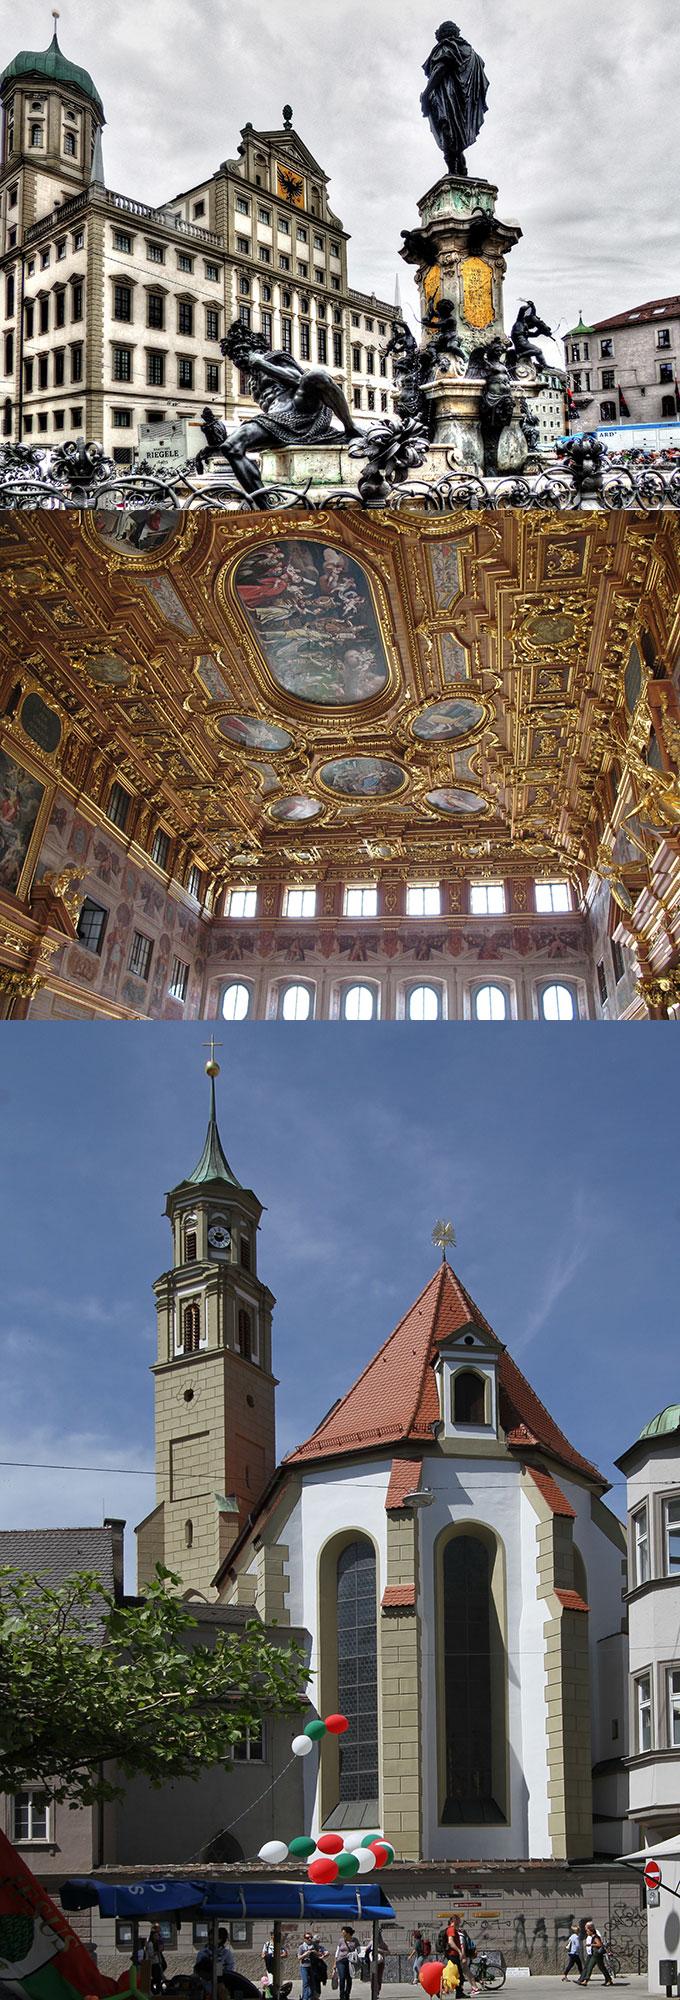 Augsburg: Rathaus, Goldener Saal, St. Anna Kirche (Foto: oben: Theo Rivierenlaan, pixabay.com, mitte: NickyPS, pixabay.com, unten: Gerd Eichmann, wikimedia)